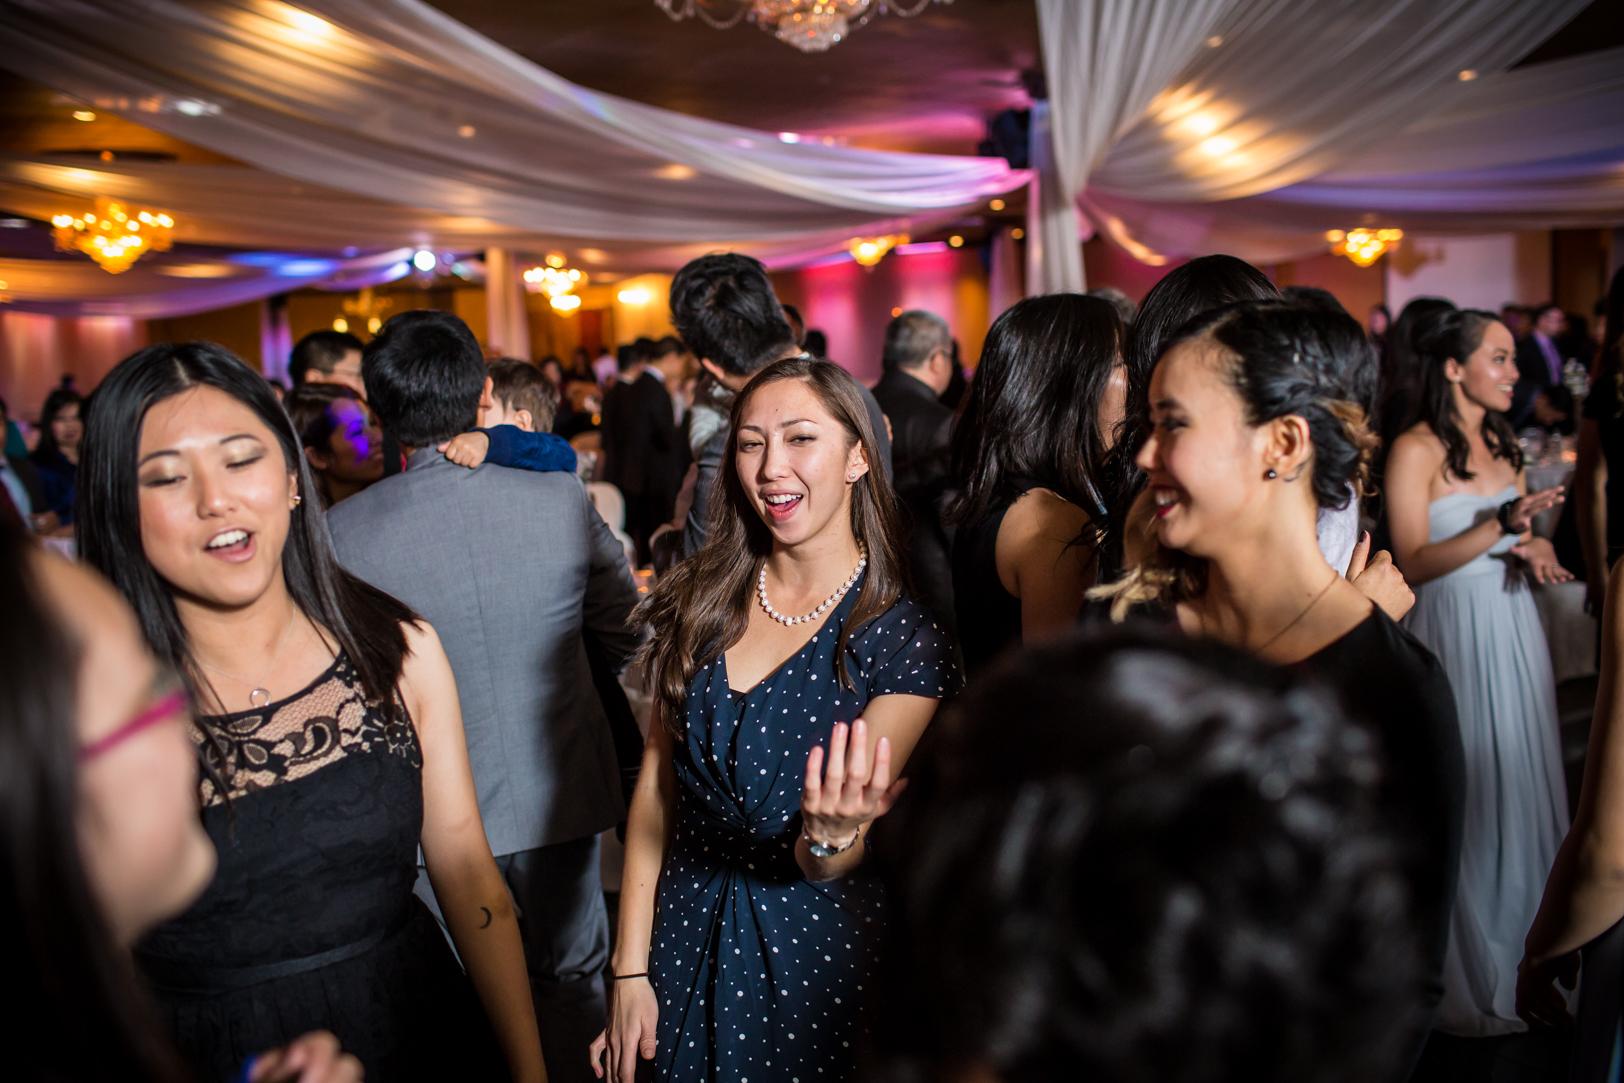 mirage banquet hall wedding dance